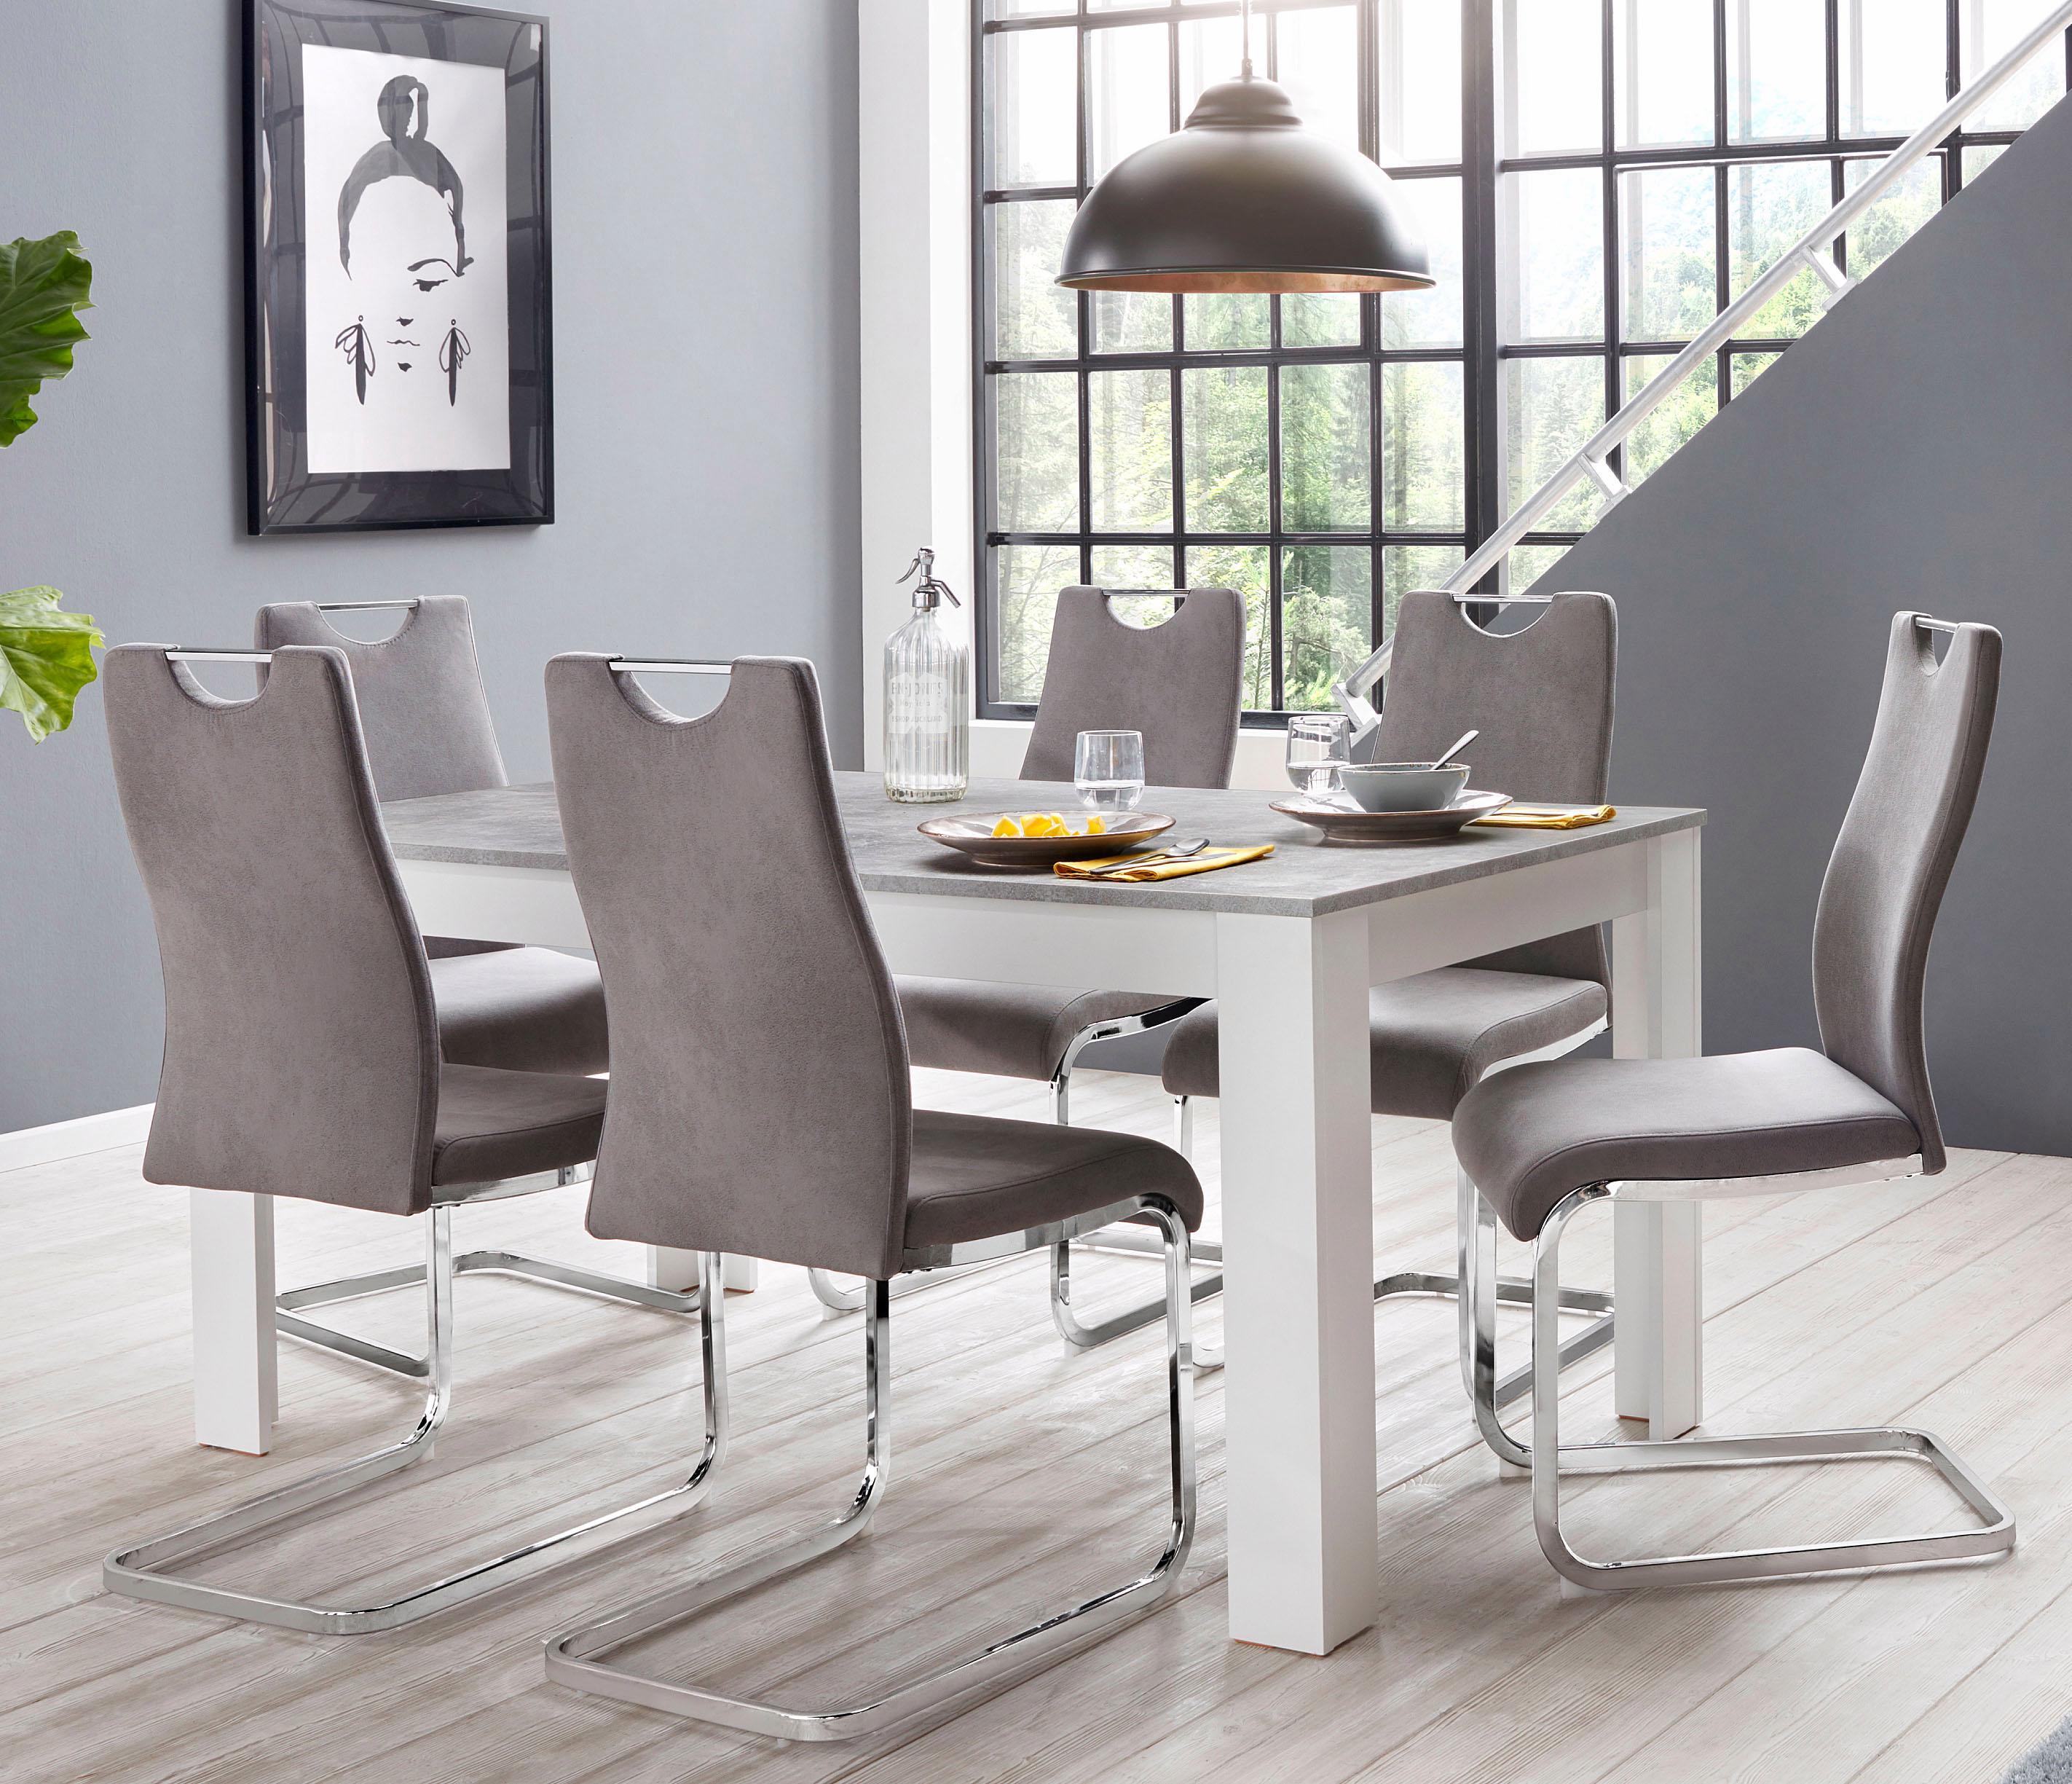 Homexperts Zabona Essgruppe (1 Tisch + 4 Stühle)